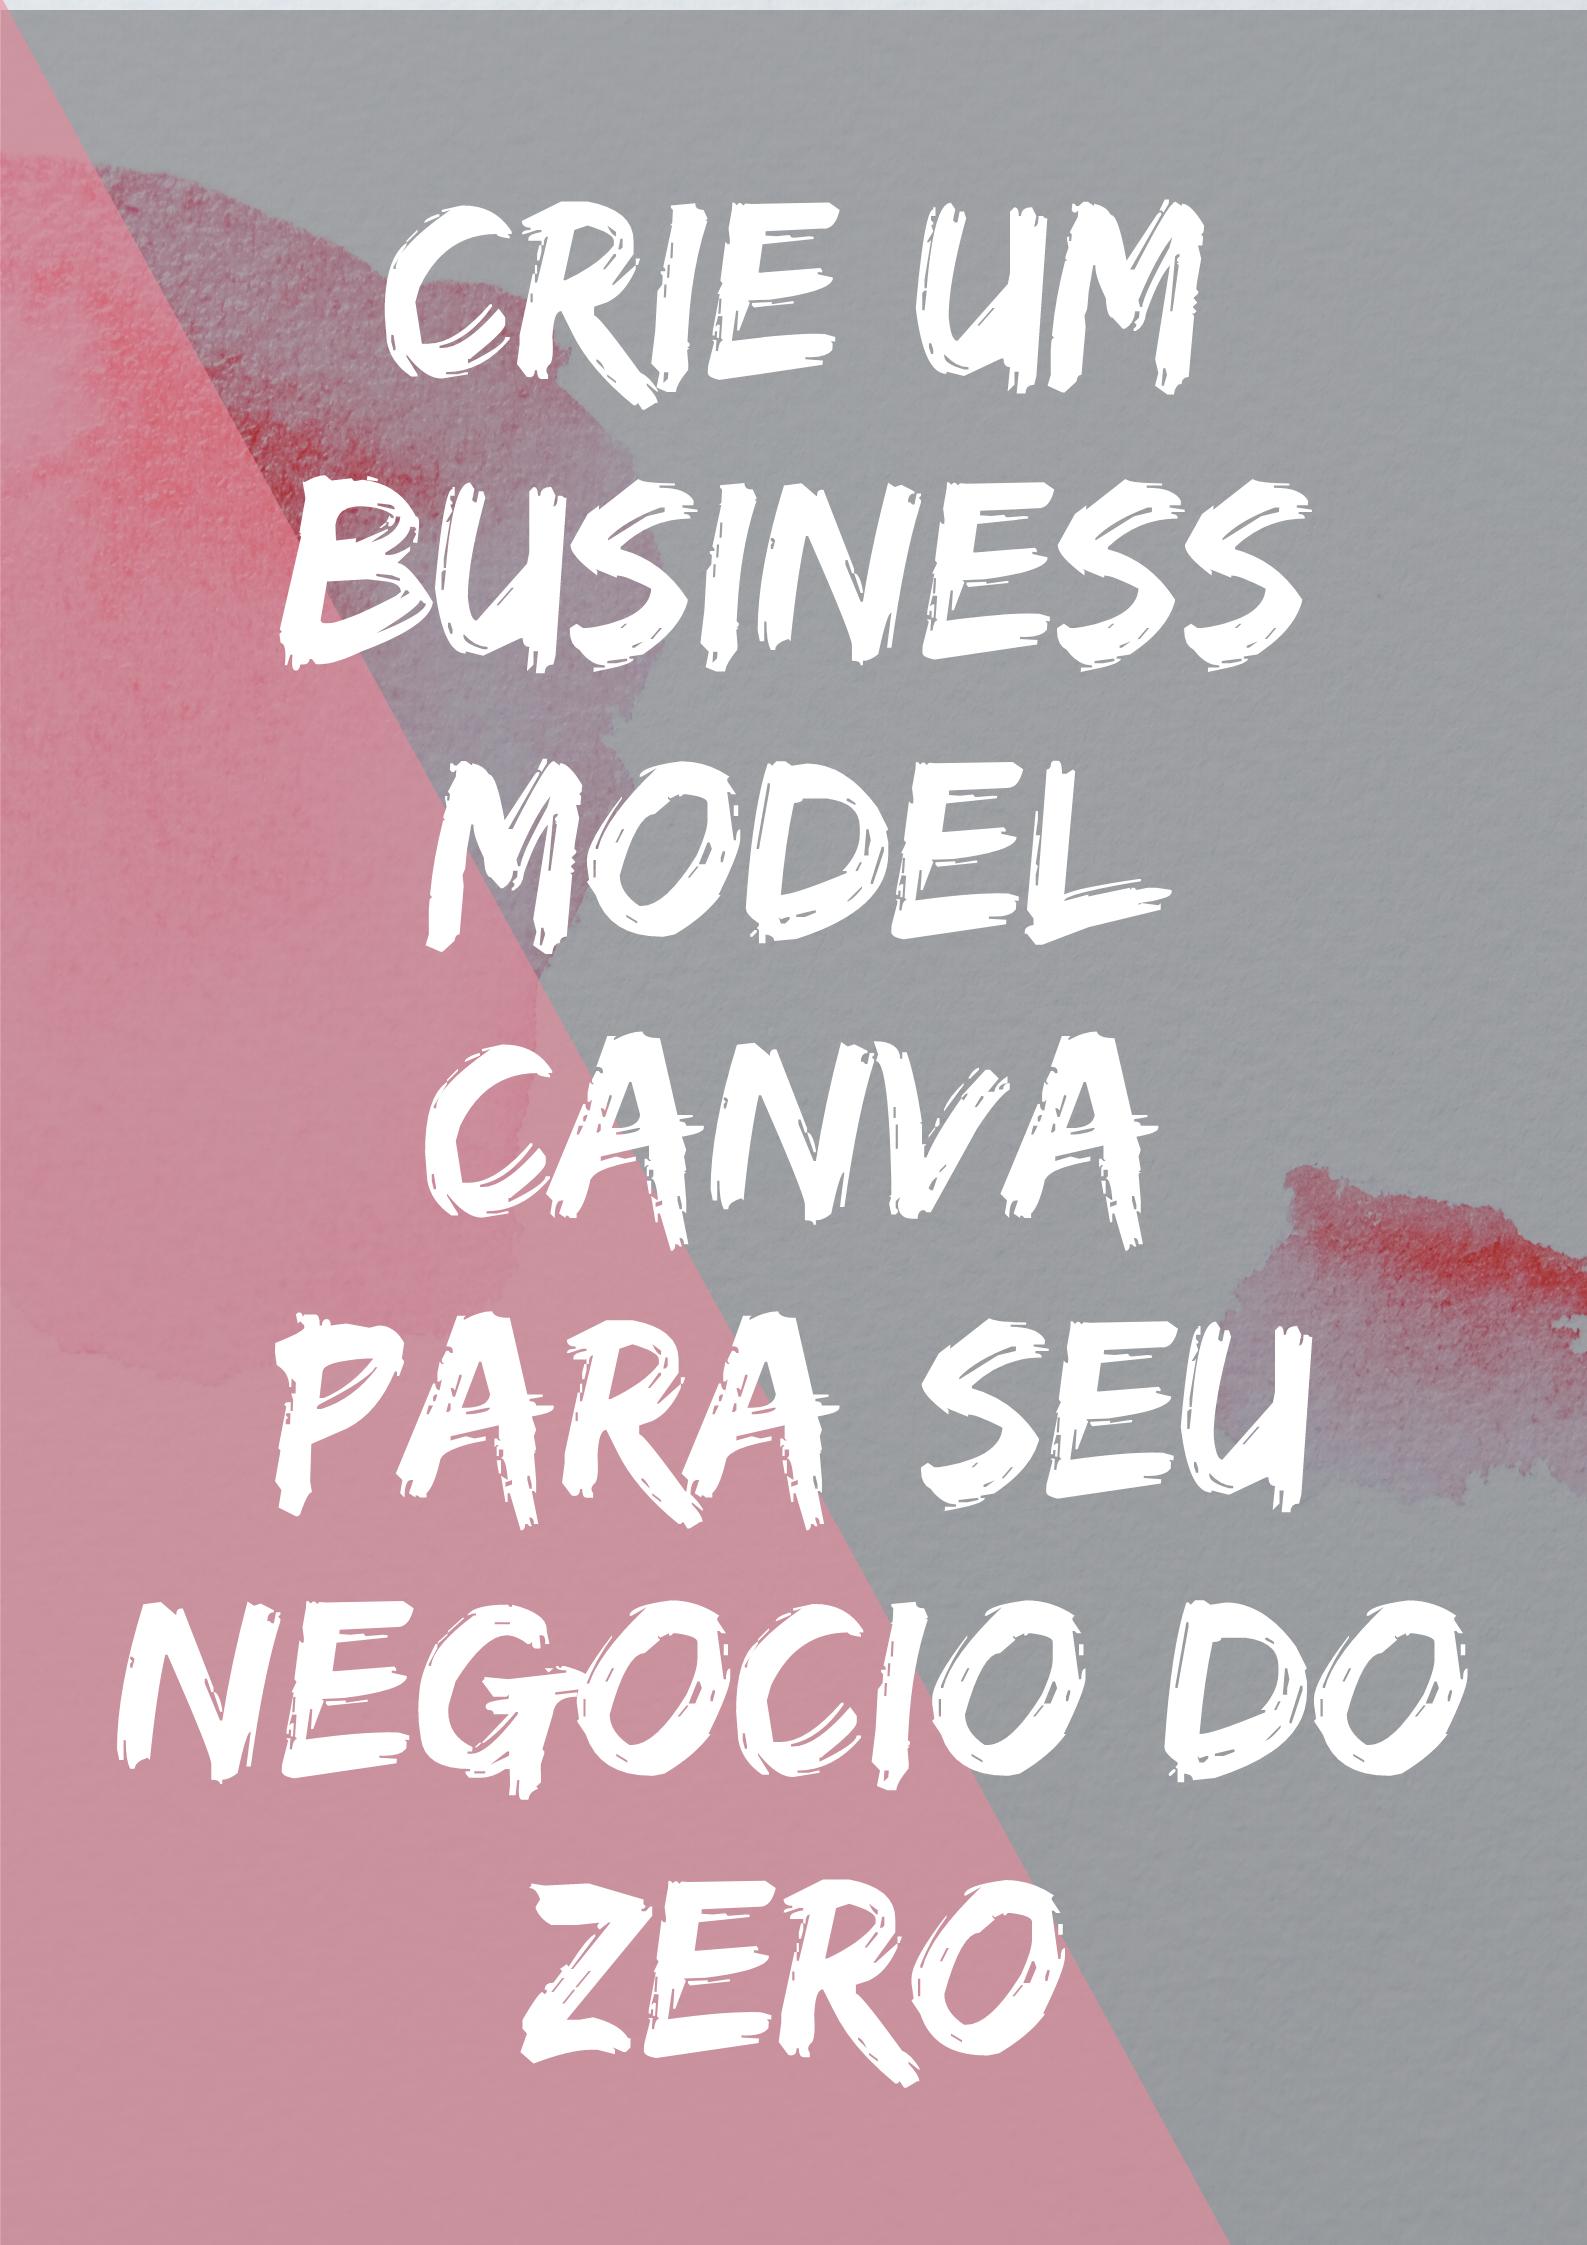 curso canva para negócios